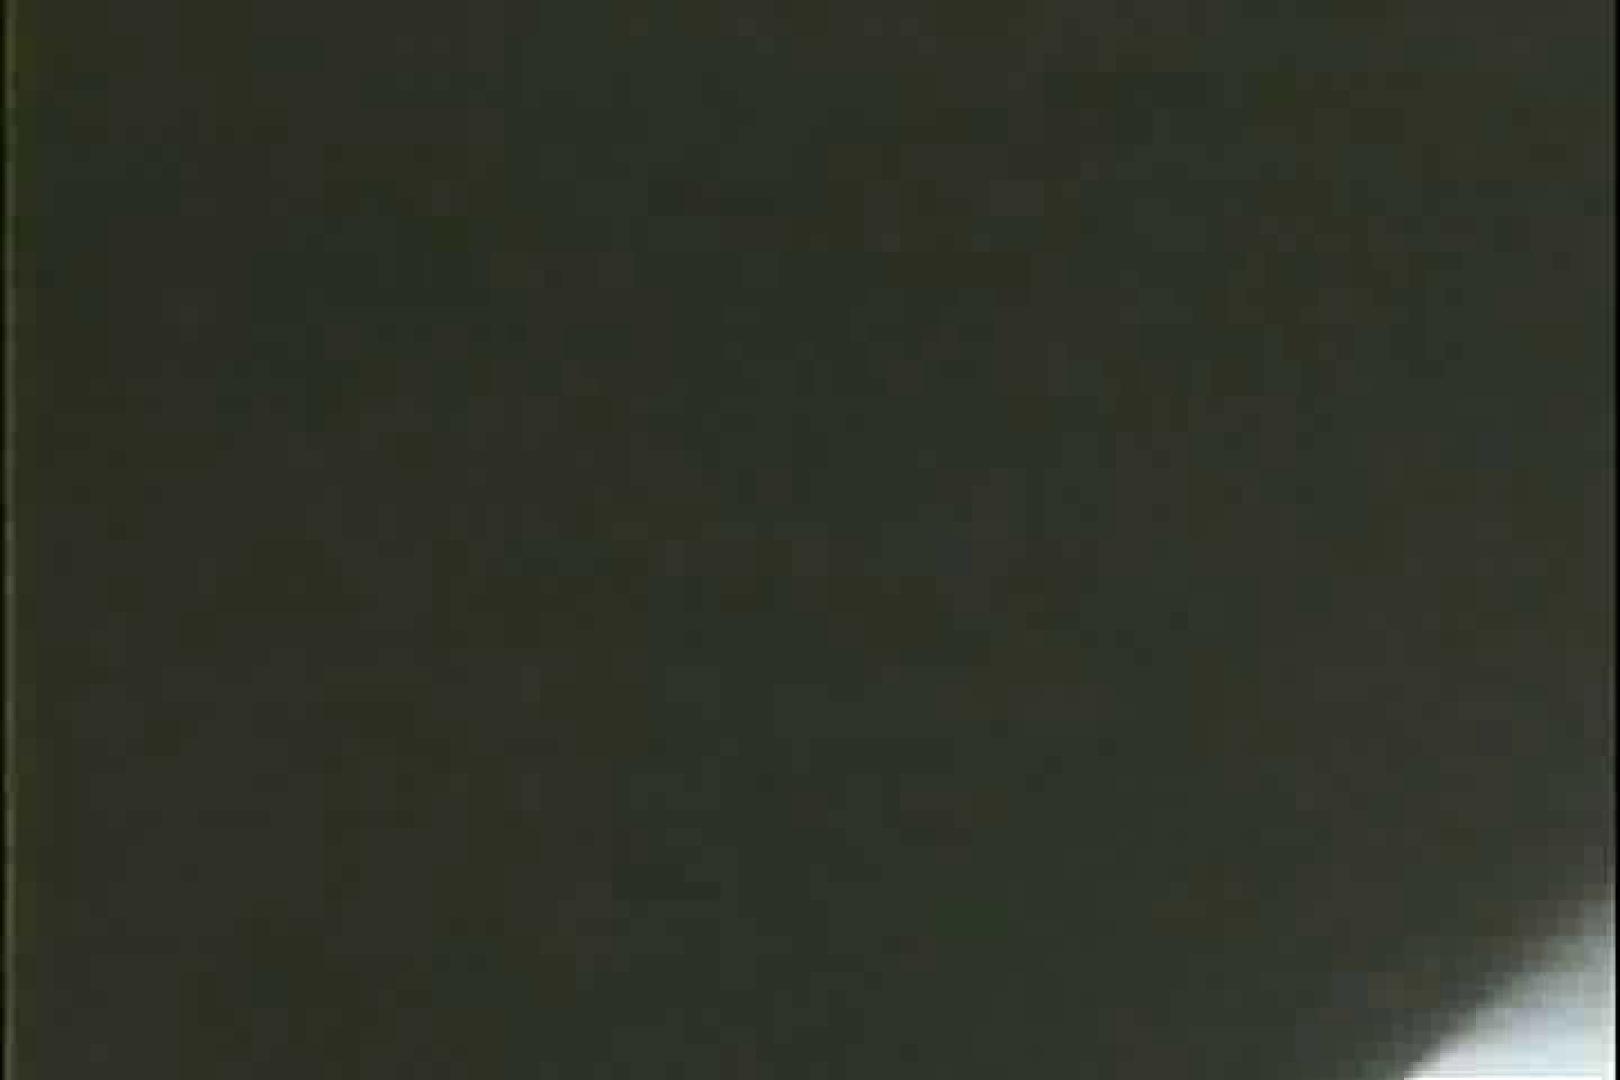 「ちくりん」さんのオリジナル未編集パンチラVol.5_02 チラ見え画像 SEX無修正画像 57連発 53